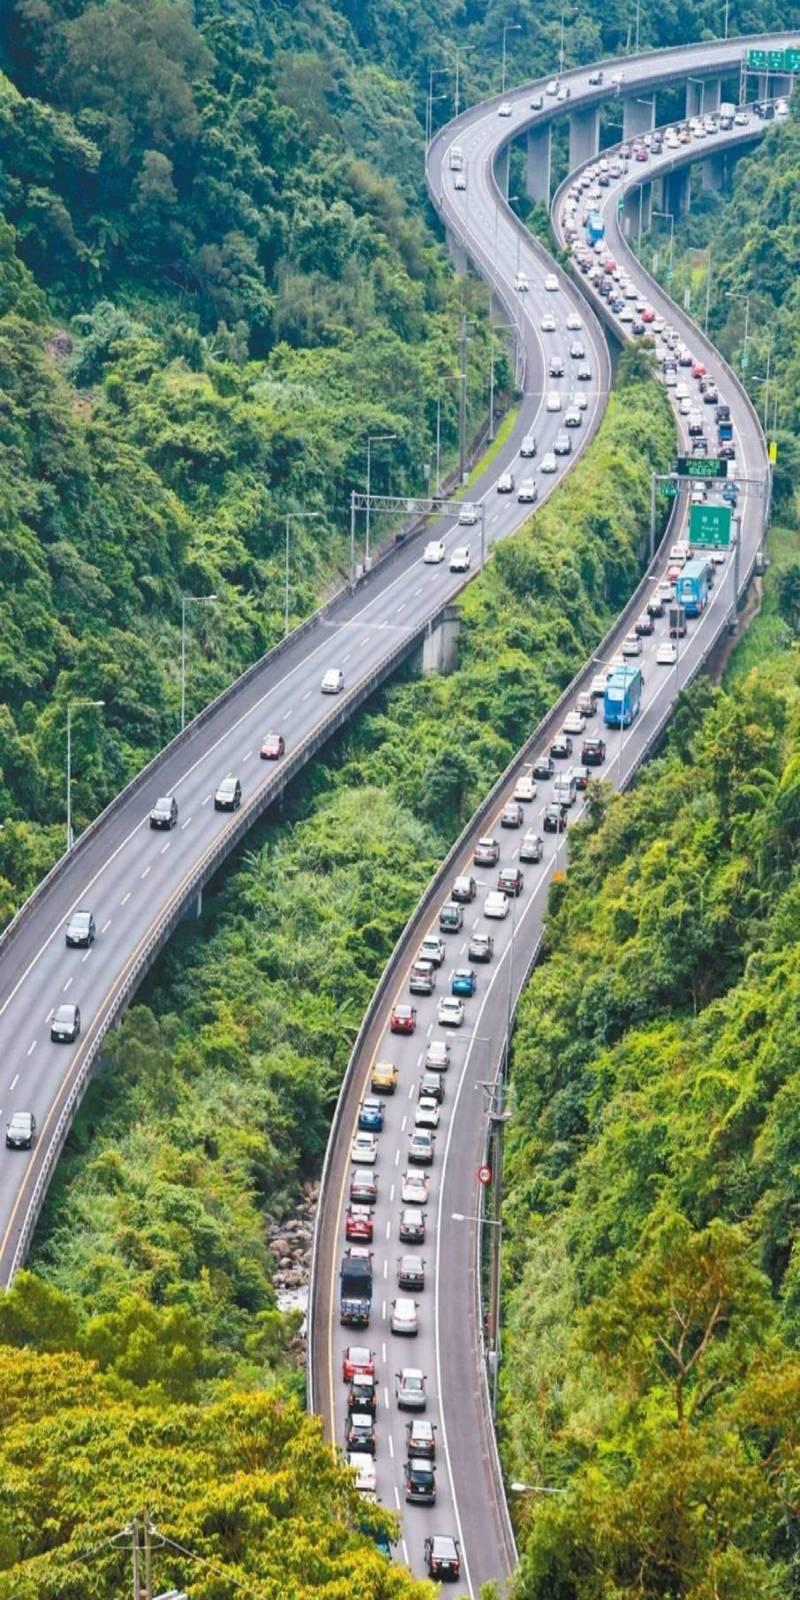 228連假天氣好,預估將大爆出遊人潮,國5每天的車流量可能超過7萬輛次,提醒用路人避開尖峰時段。本報資料照